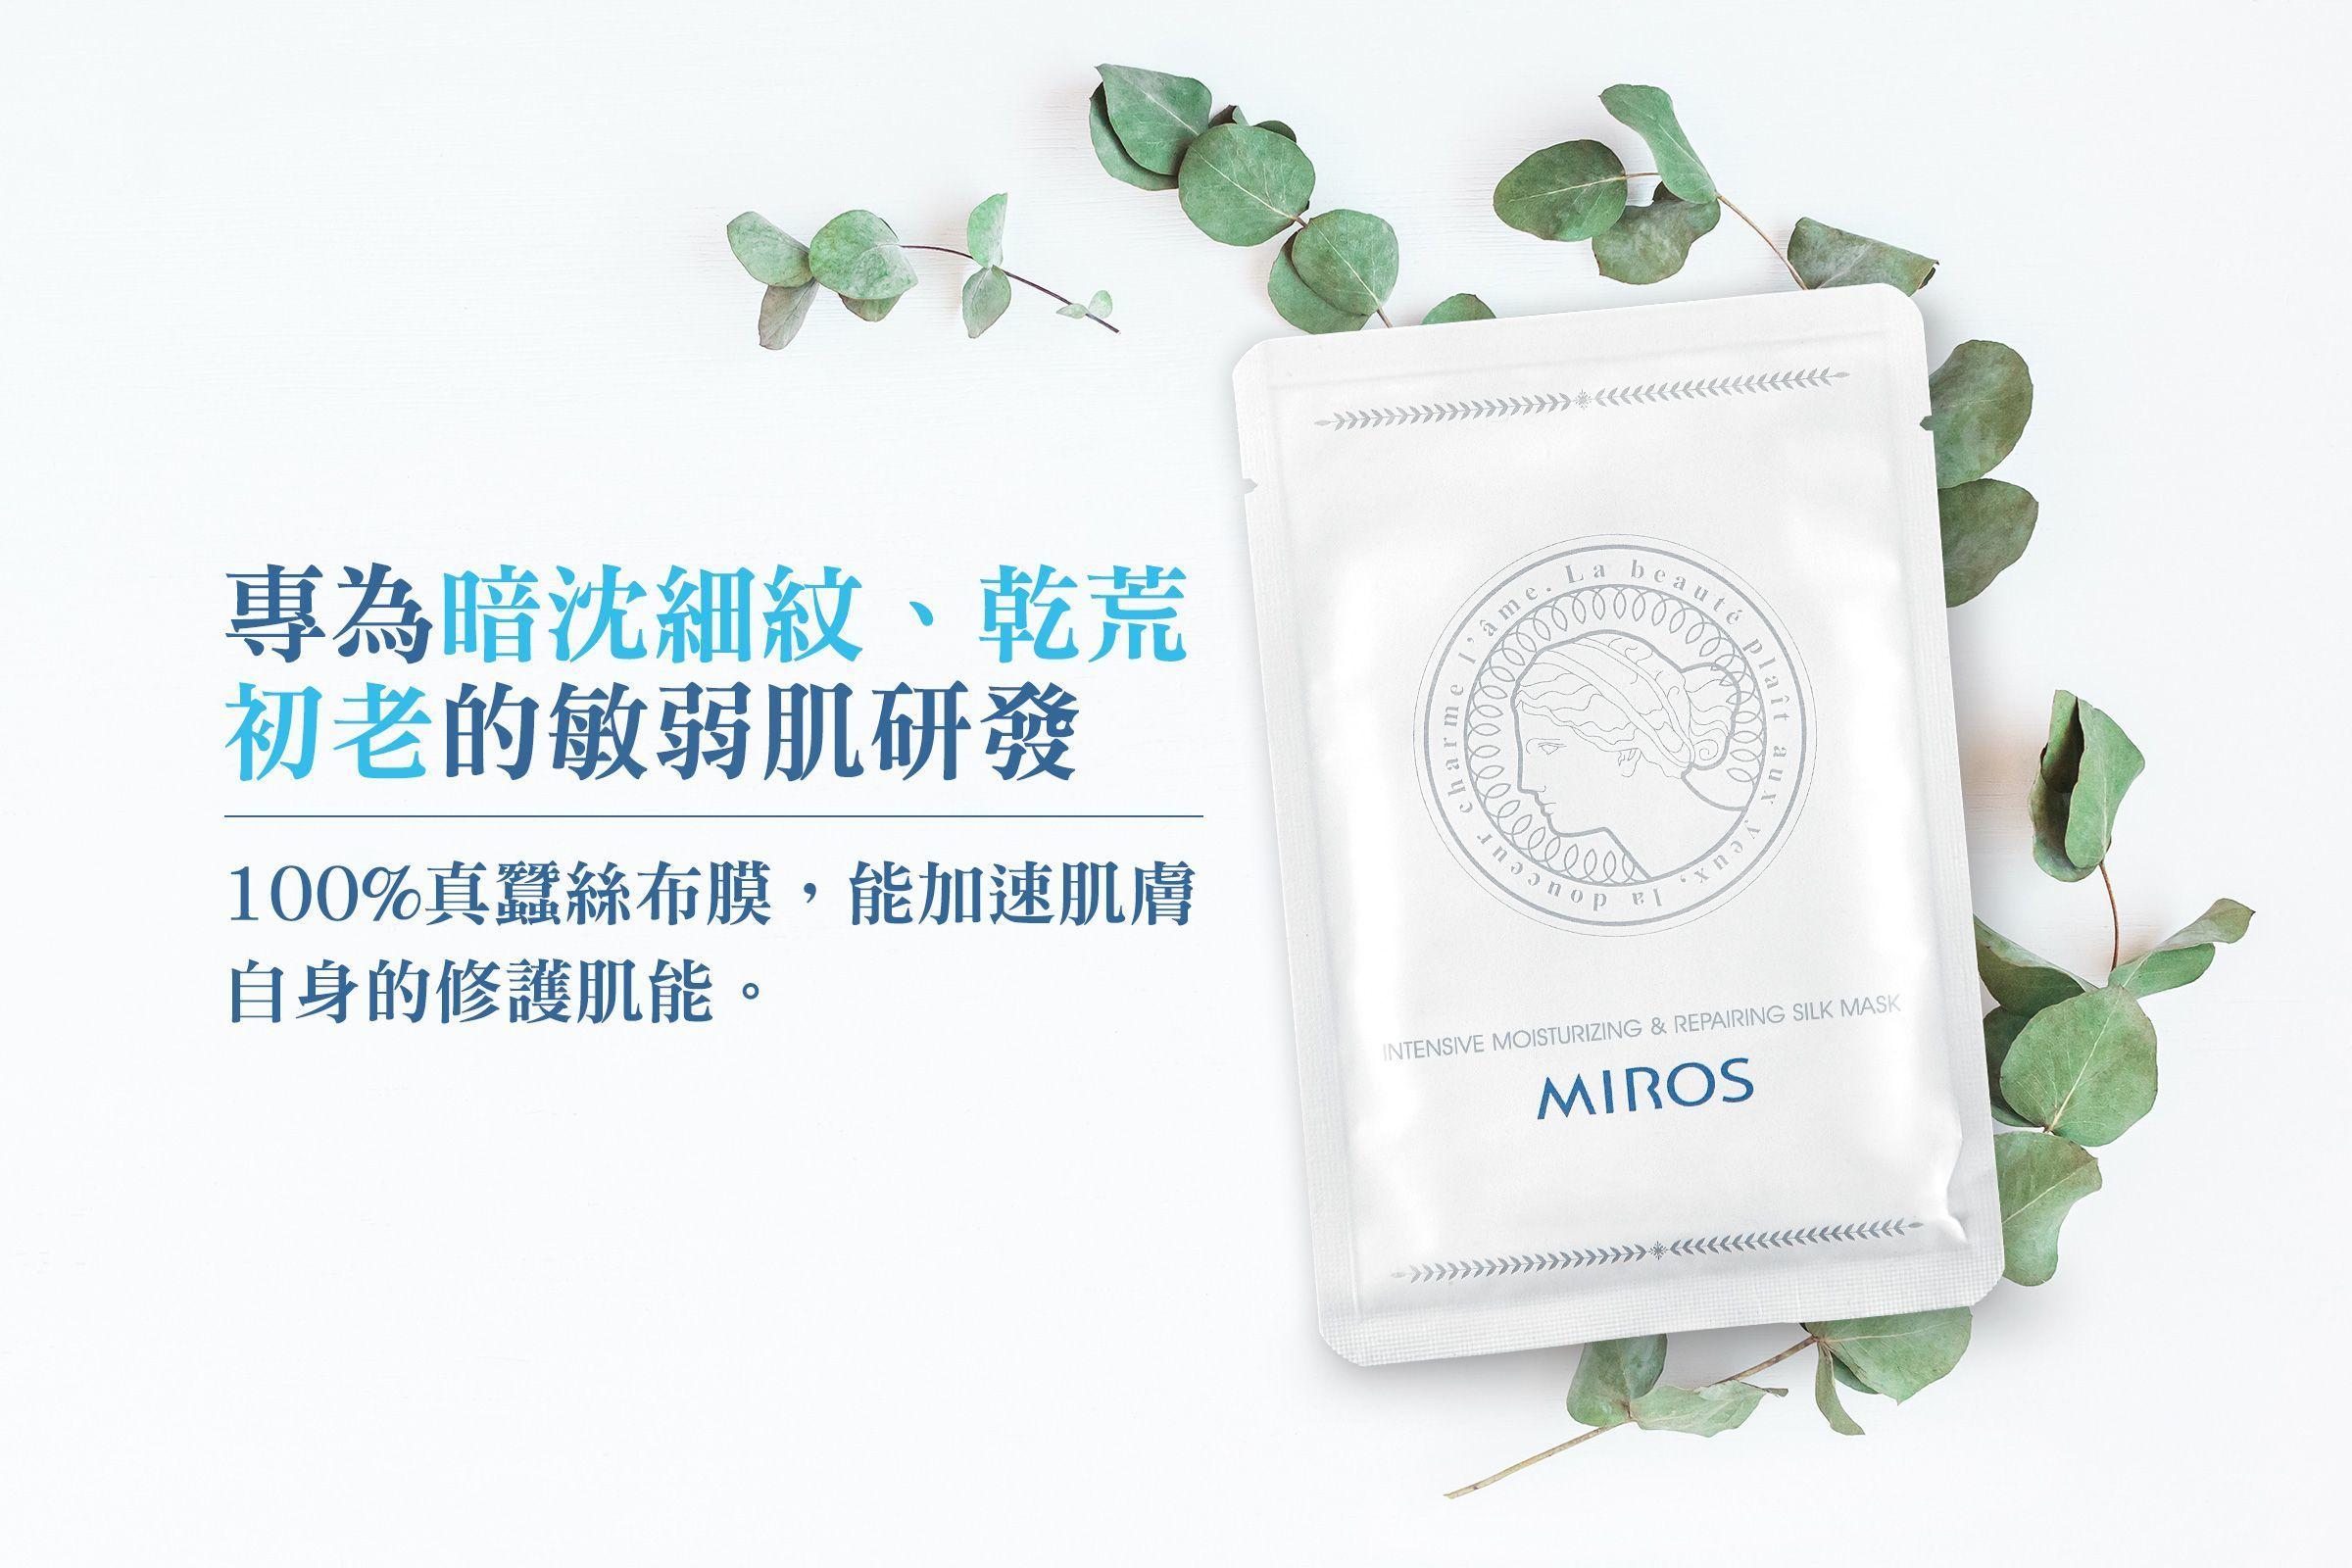 高保濕婙白修護蠶絲面膜(30片環保箱)